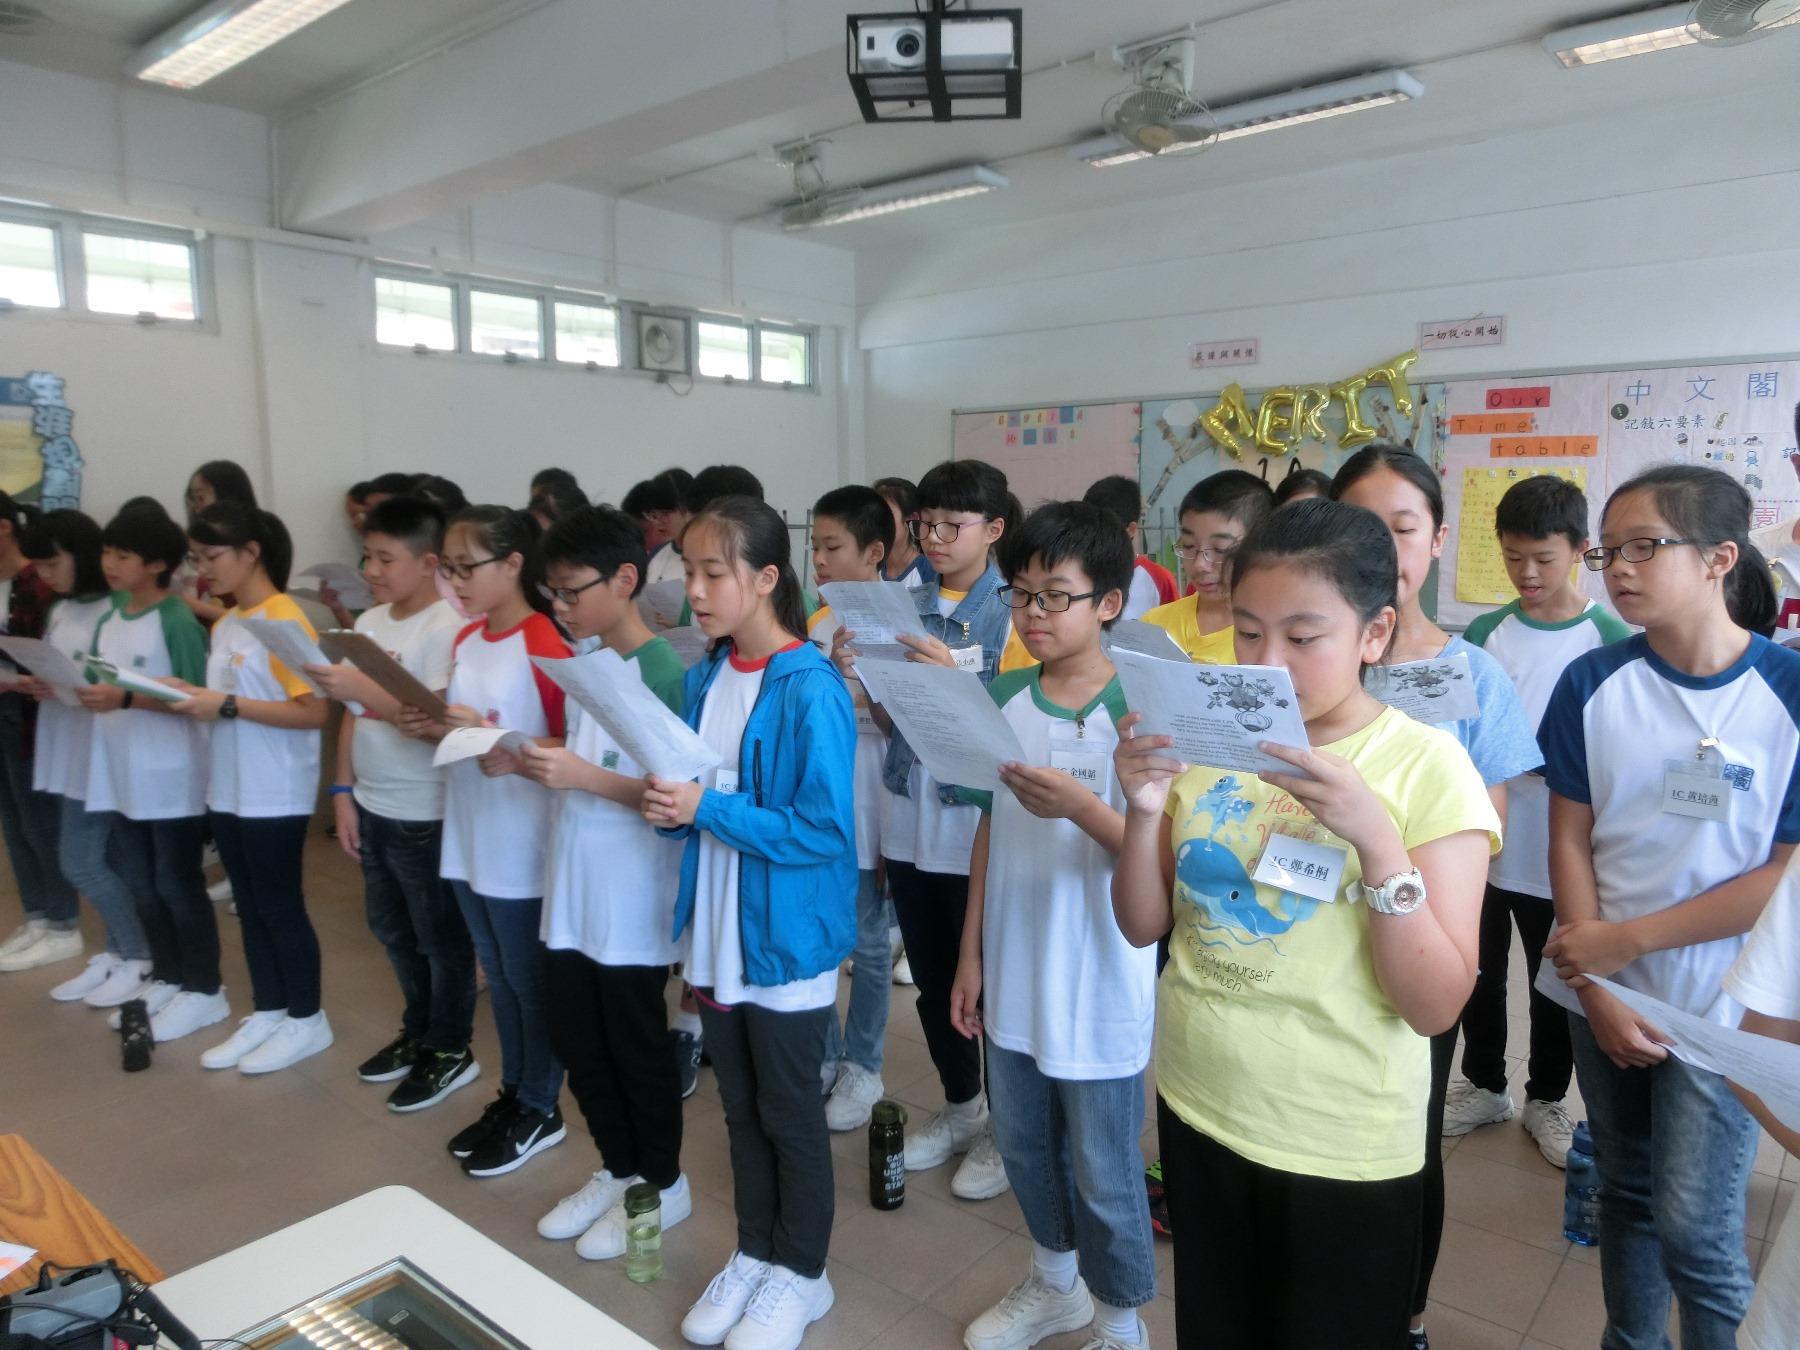 http://www.npc.edu.hk/sites/default/files/1c_zhong_ying_bing_chong_01.jpg